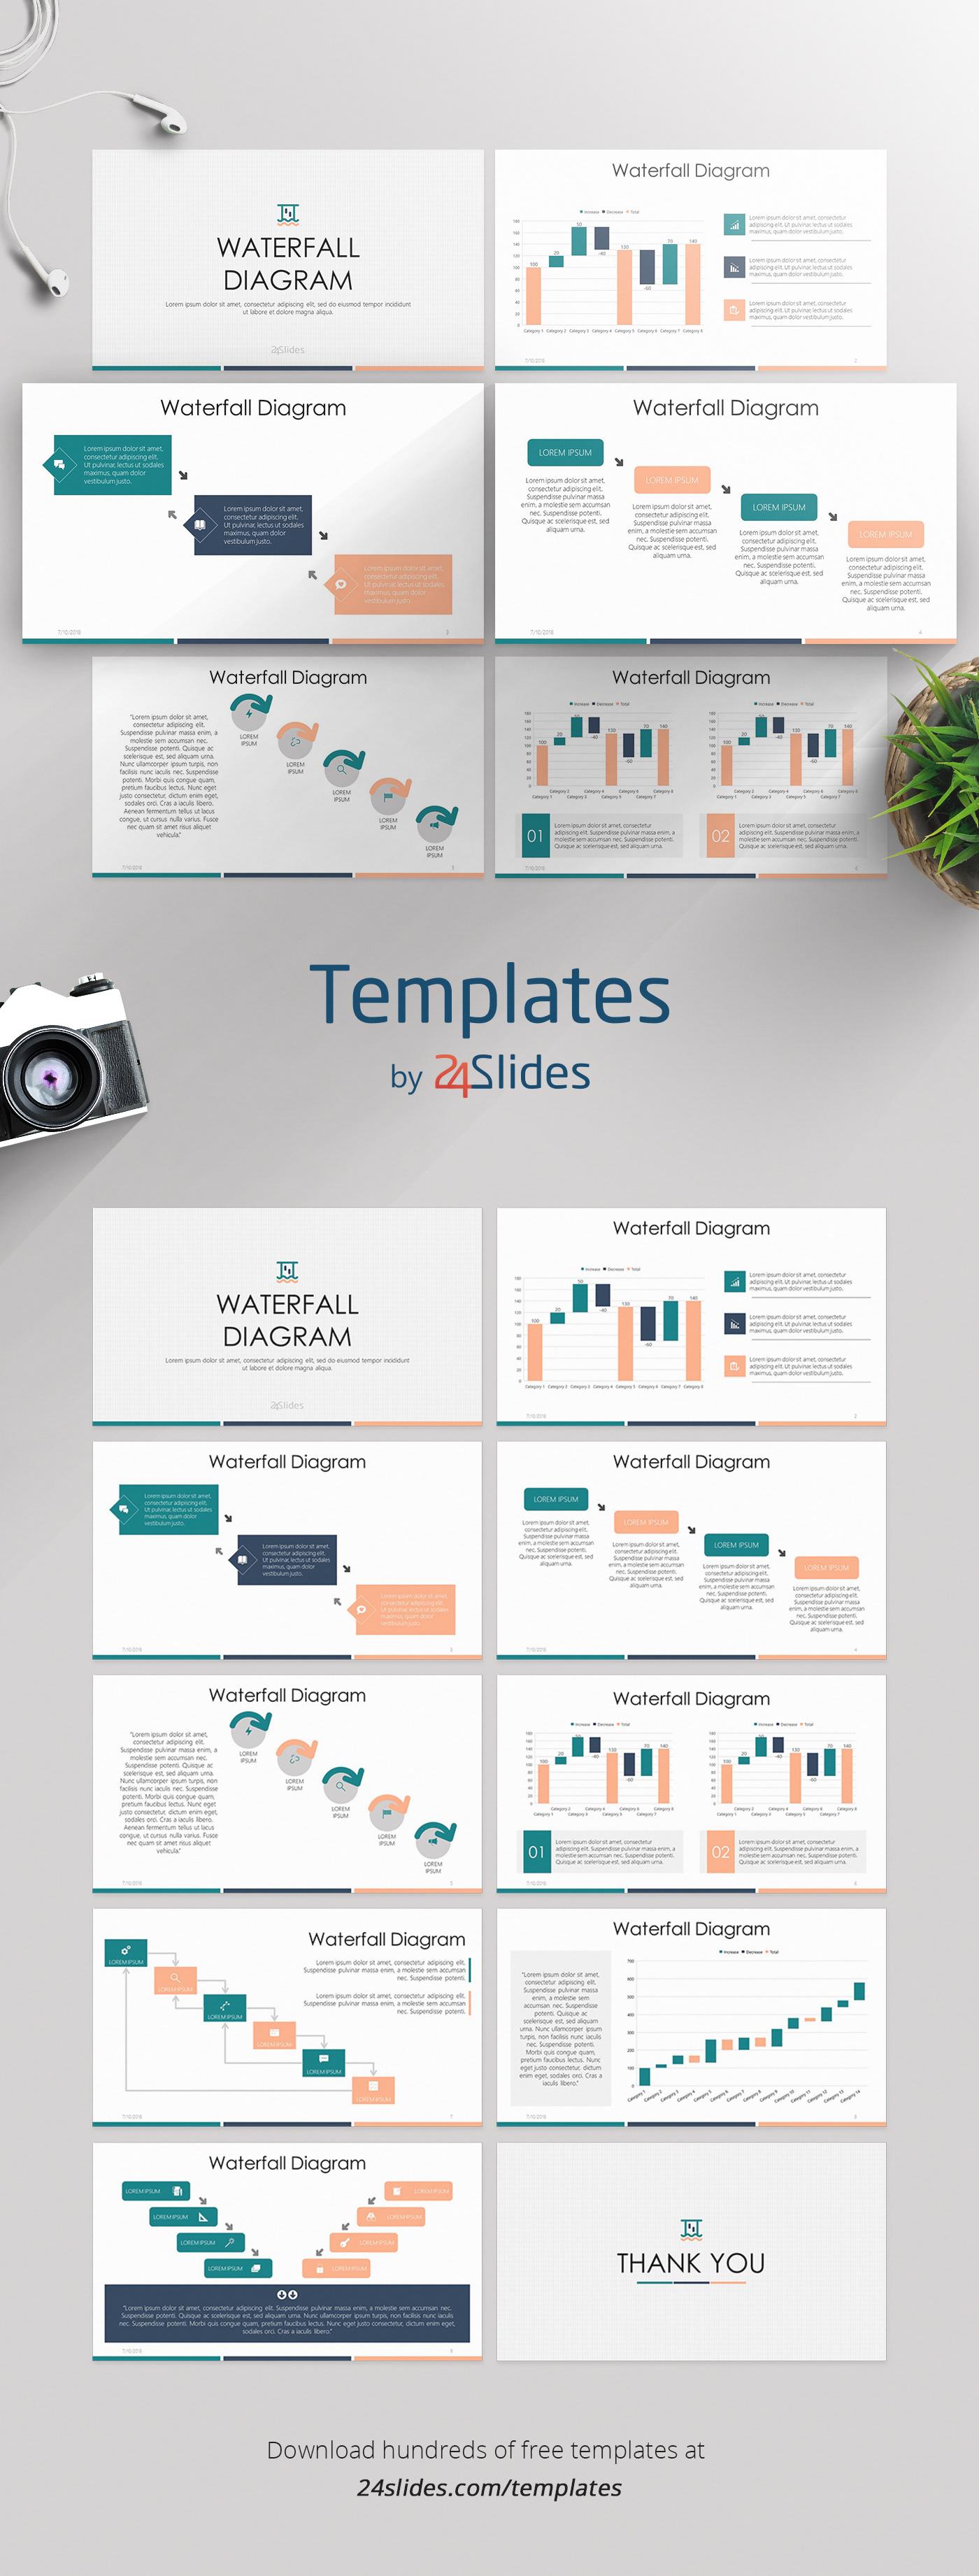 PresentationLayout presentations presentationdesign branding  brandingstrategy presenting modern googleslides corporatebranding 24Slides